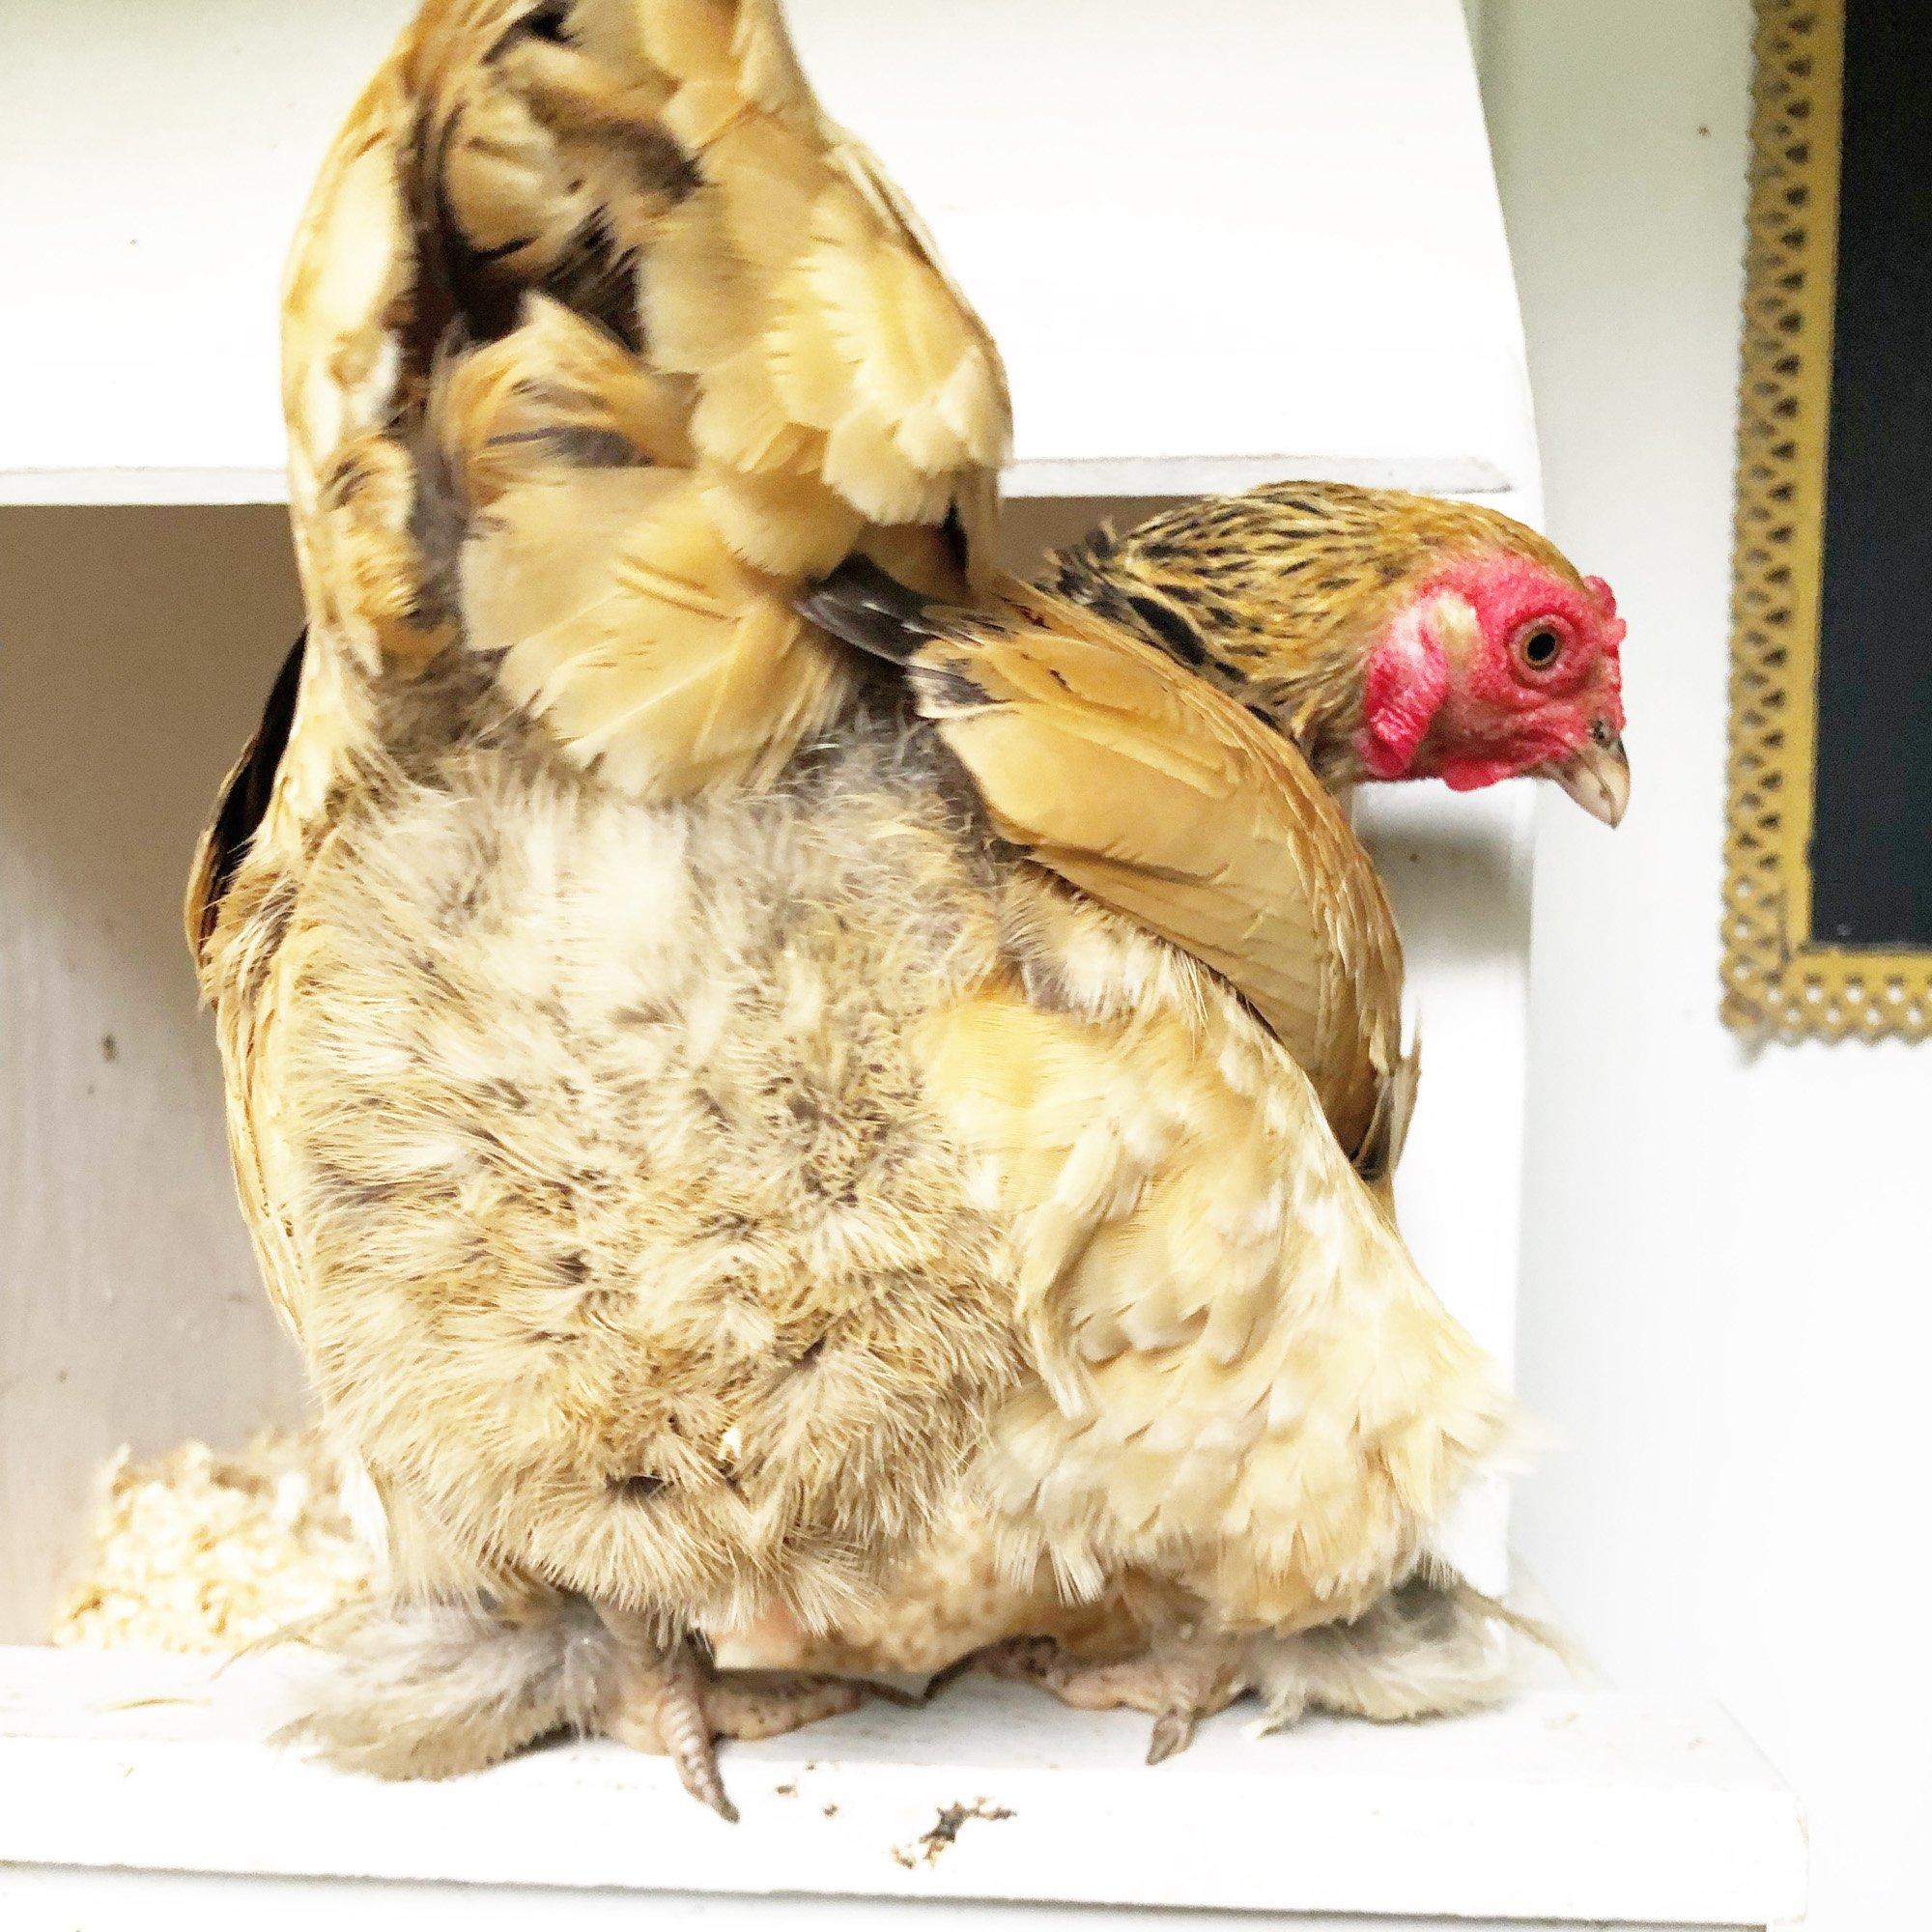 buff Brahma- Tilly's Nest